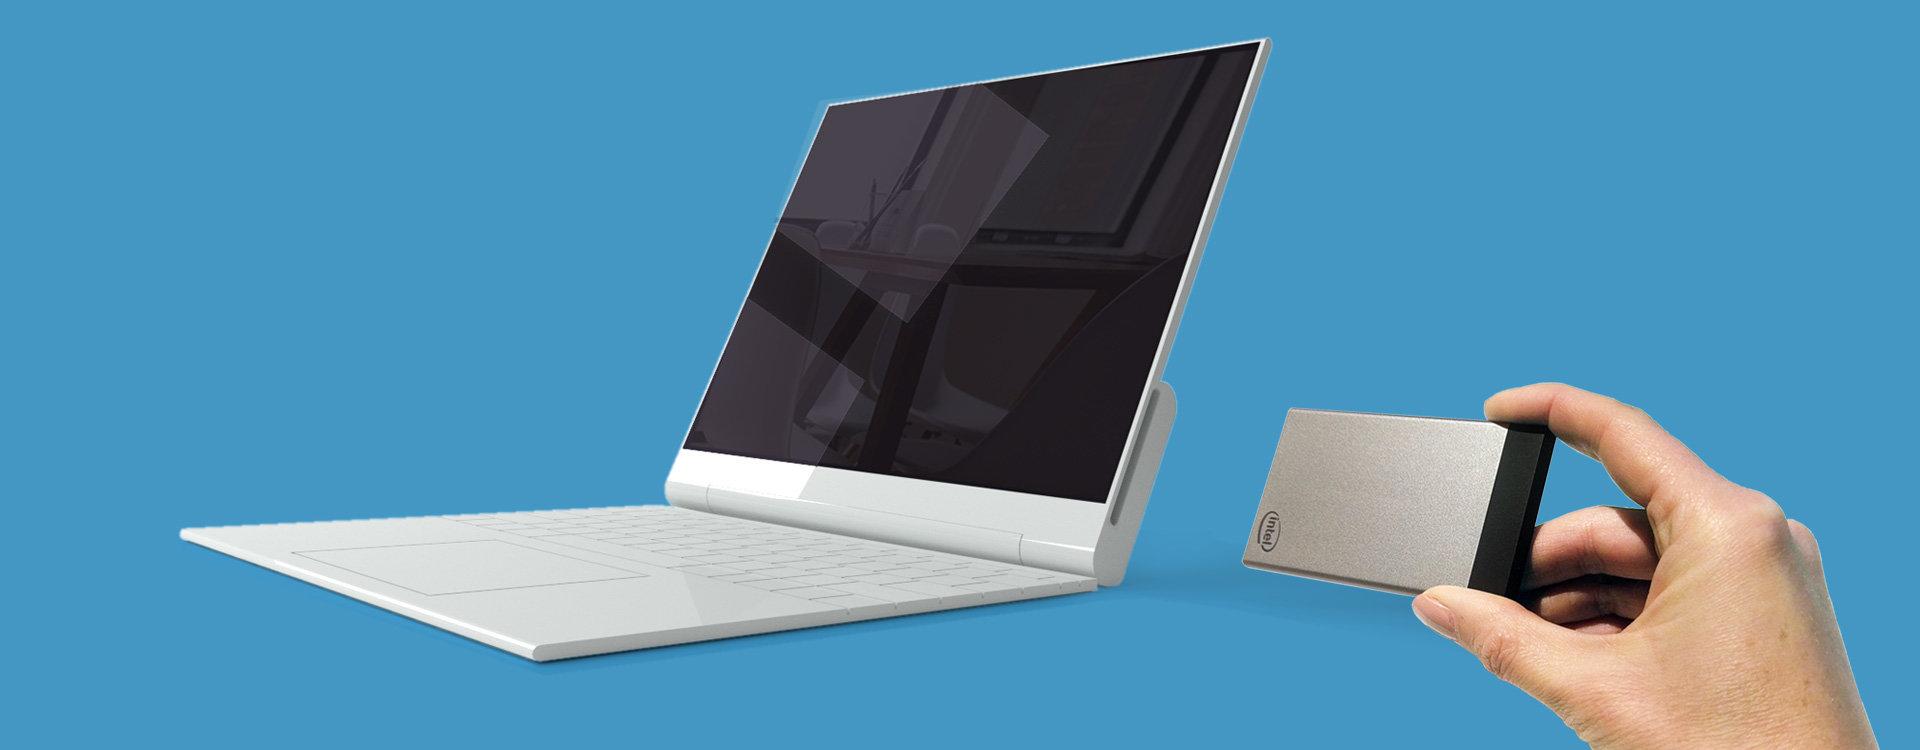 Das nächste NexDock für Intel Compute Card